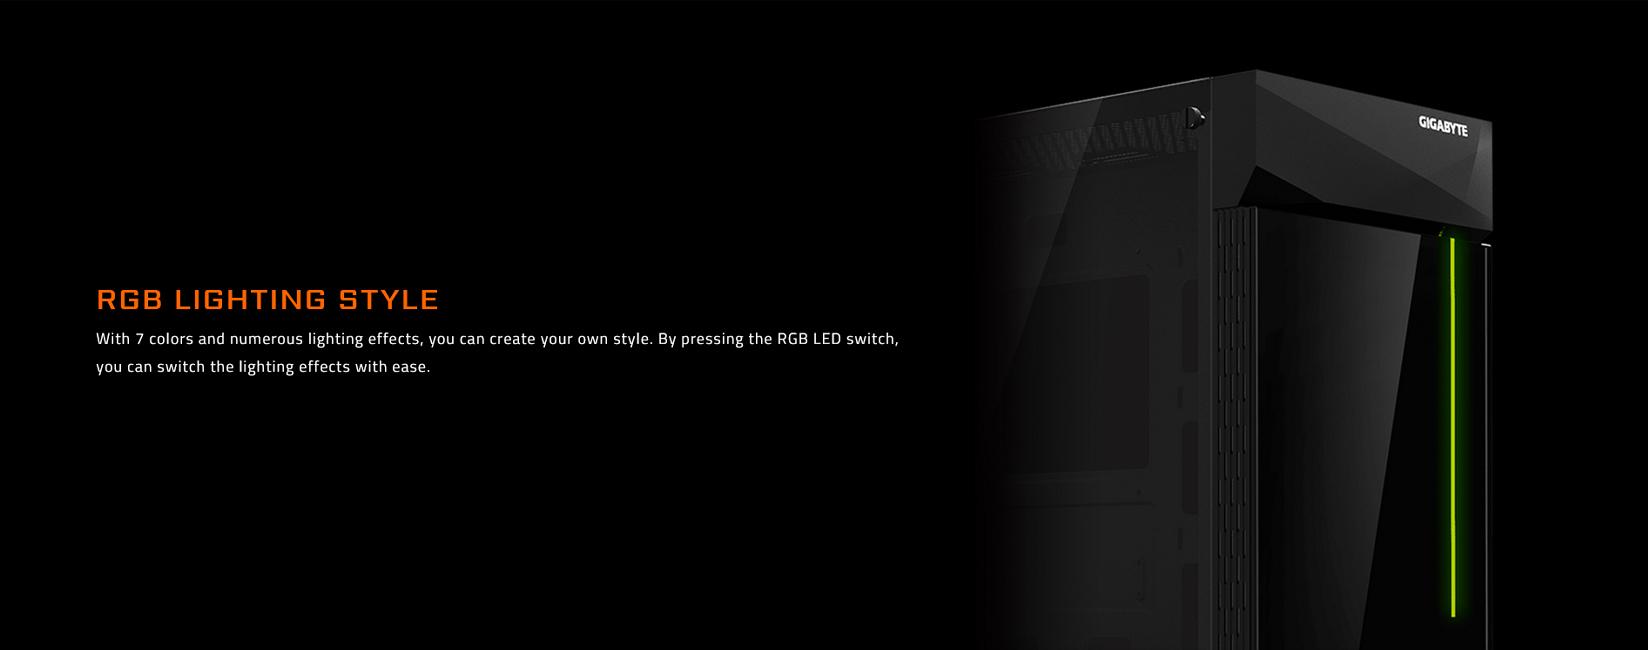 Vỏ Case Gigabyte C200 GLASS GB-C200G (Mid Tower/Màu Đen) trang bị đèn RGB đổi màu